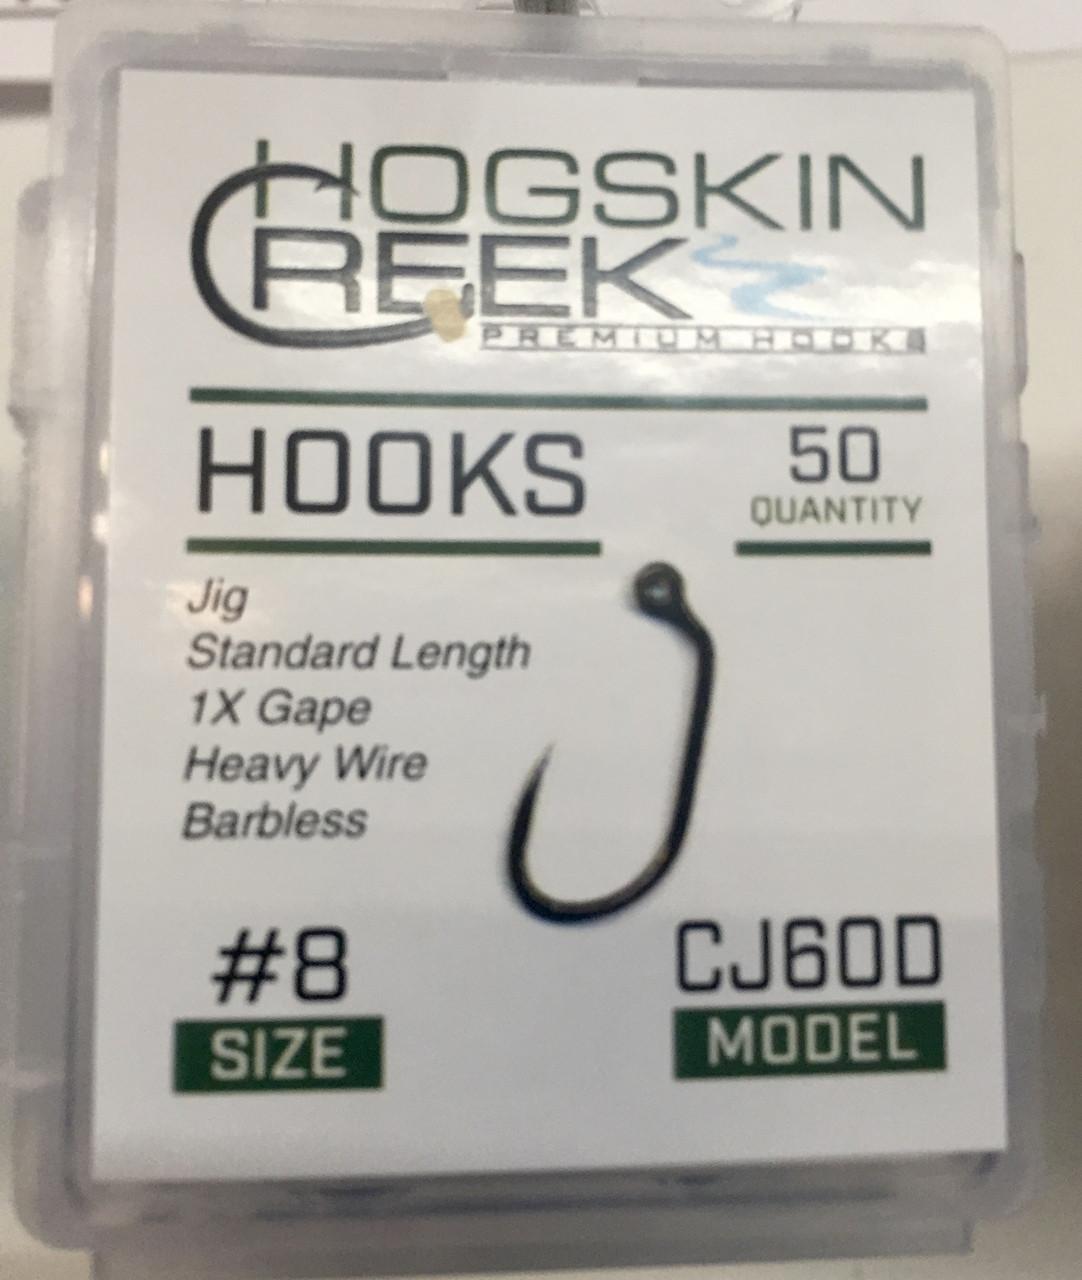 Hogskin CreekCompetition Jig Hook CJ60D